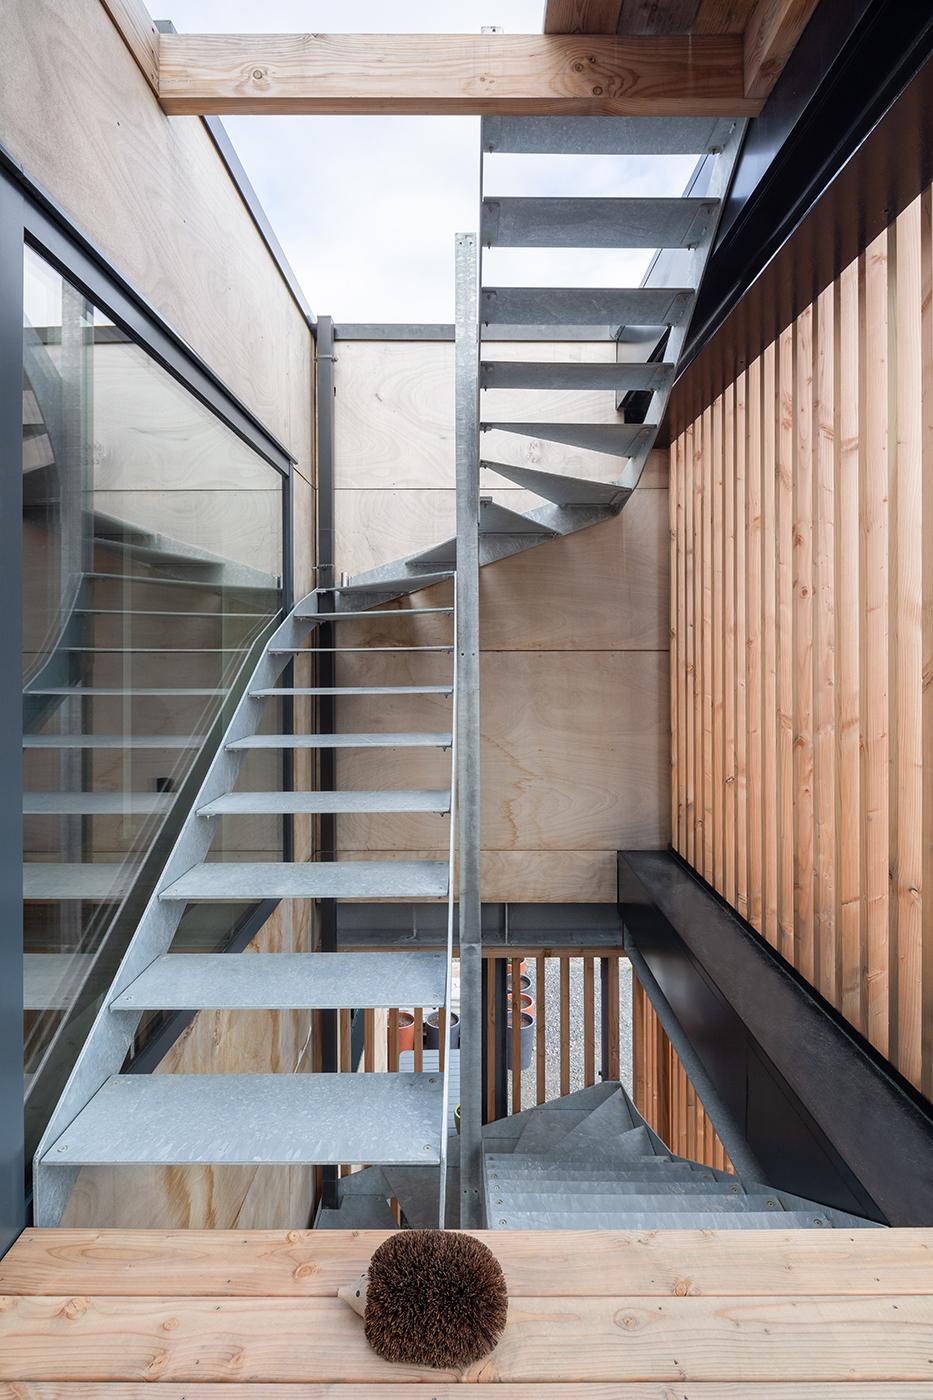 maison sur pilotis, escalier métallique